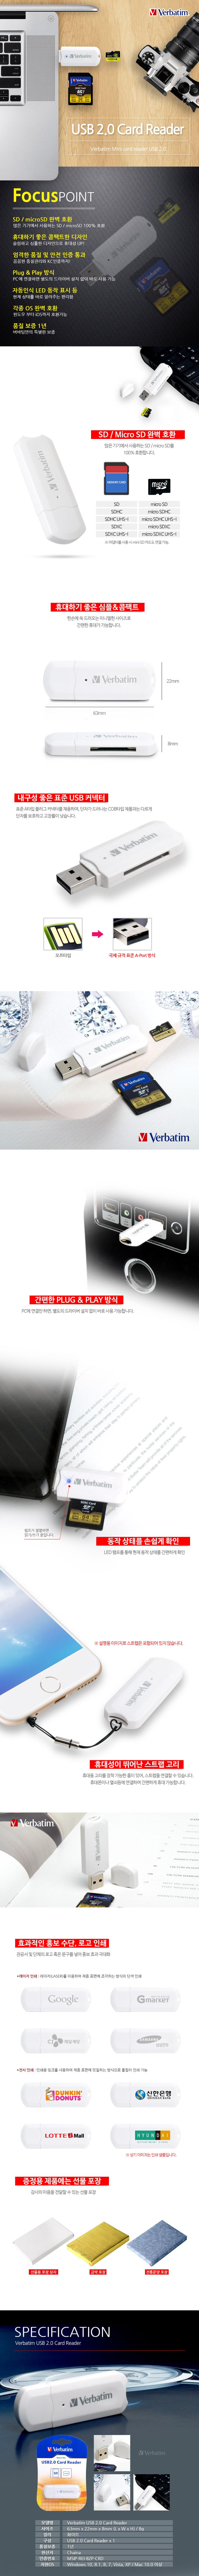 카드리더기 USB 2.0 미니 화이트 - 버바팀, 2,200원, USB제품, USB 메모리 카드리더기